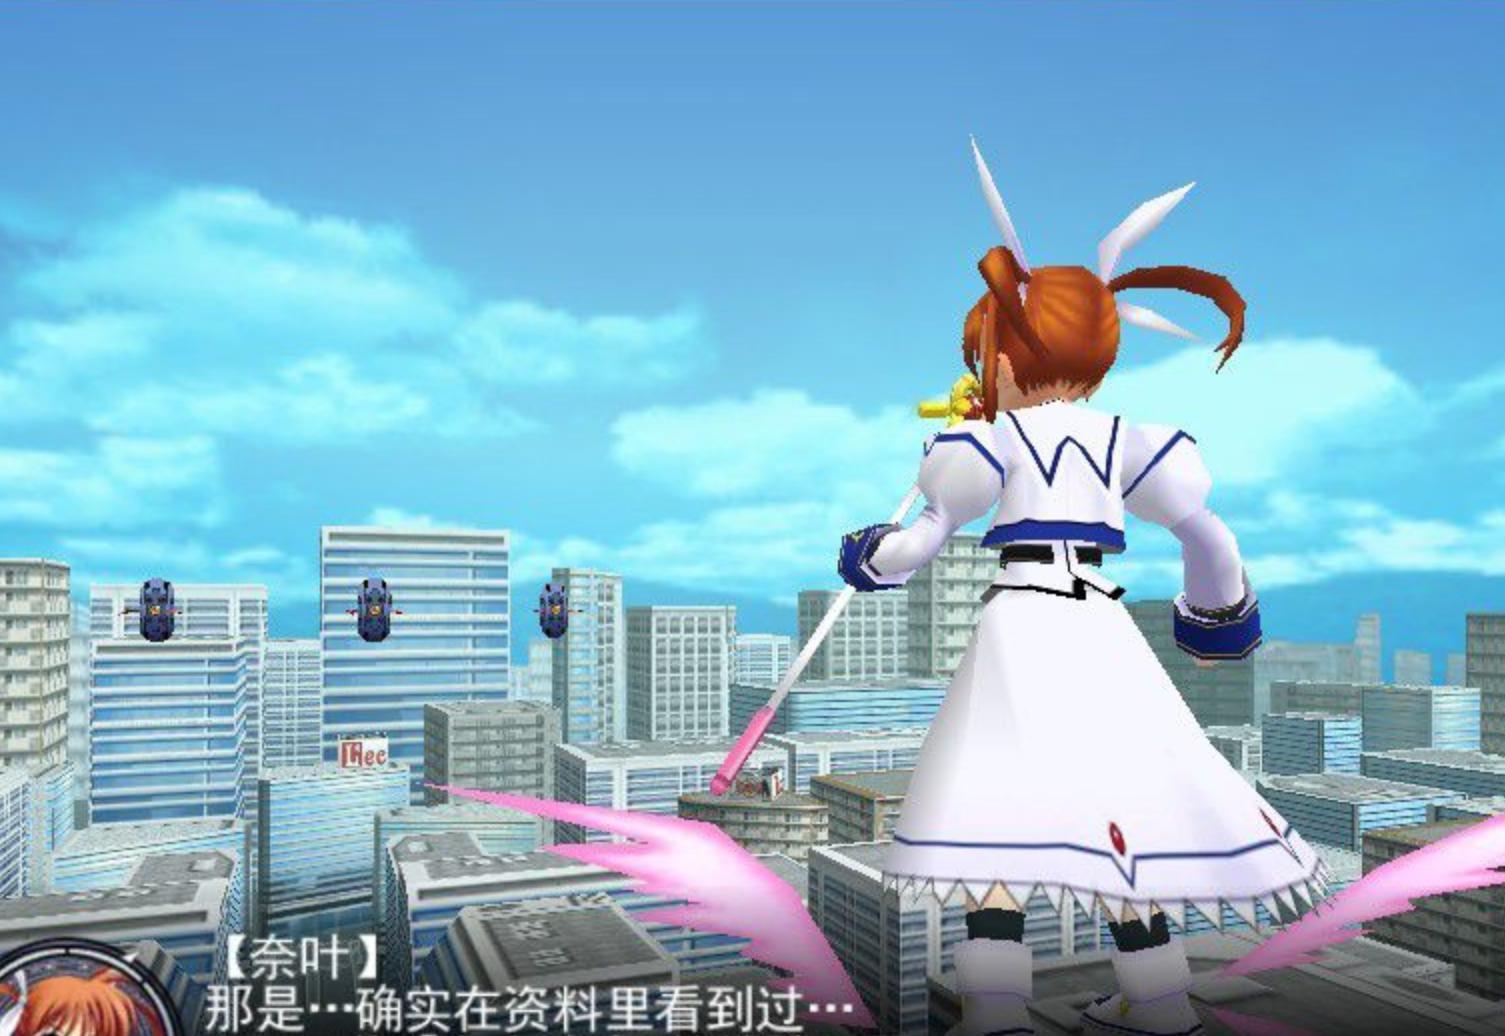 《魔法少女武斗祭》 | 吾爱萌 - ACG动漫资源分享站 acgupup.com